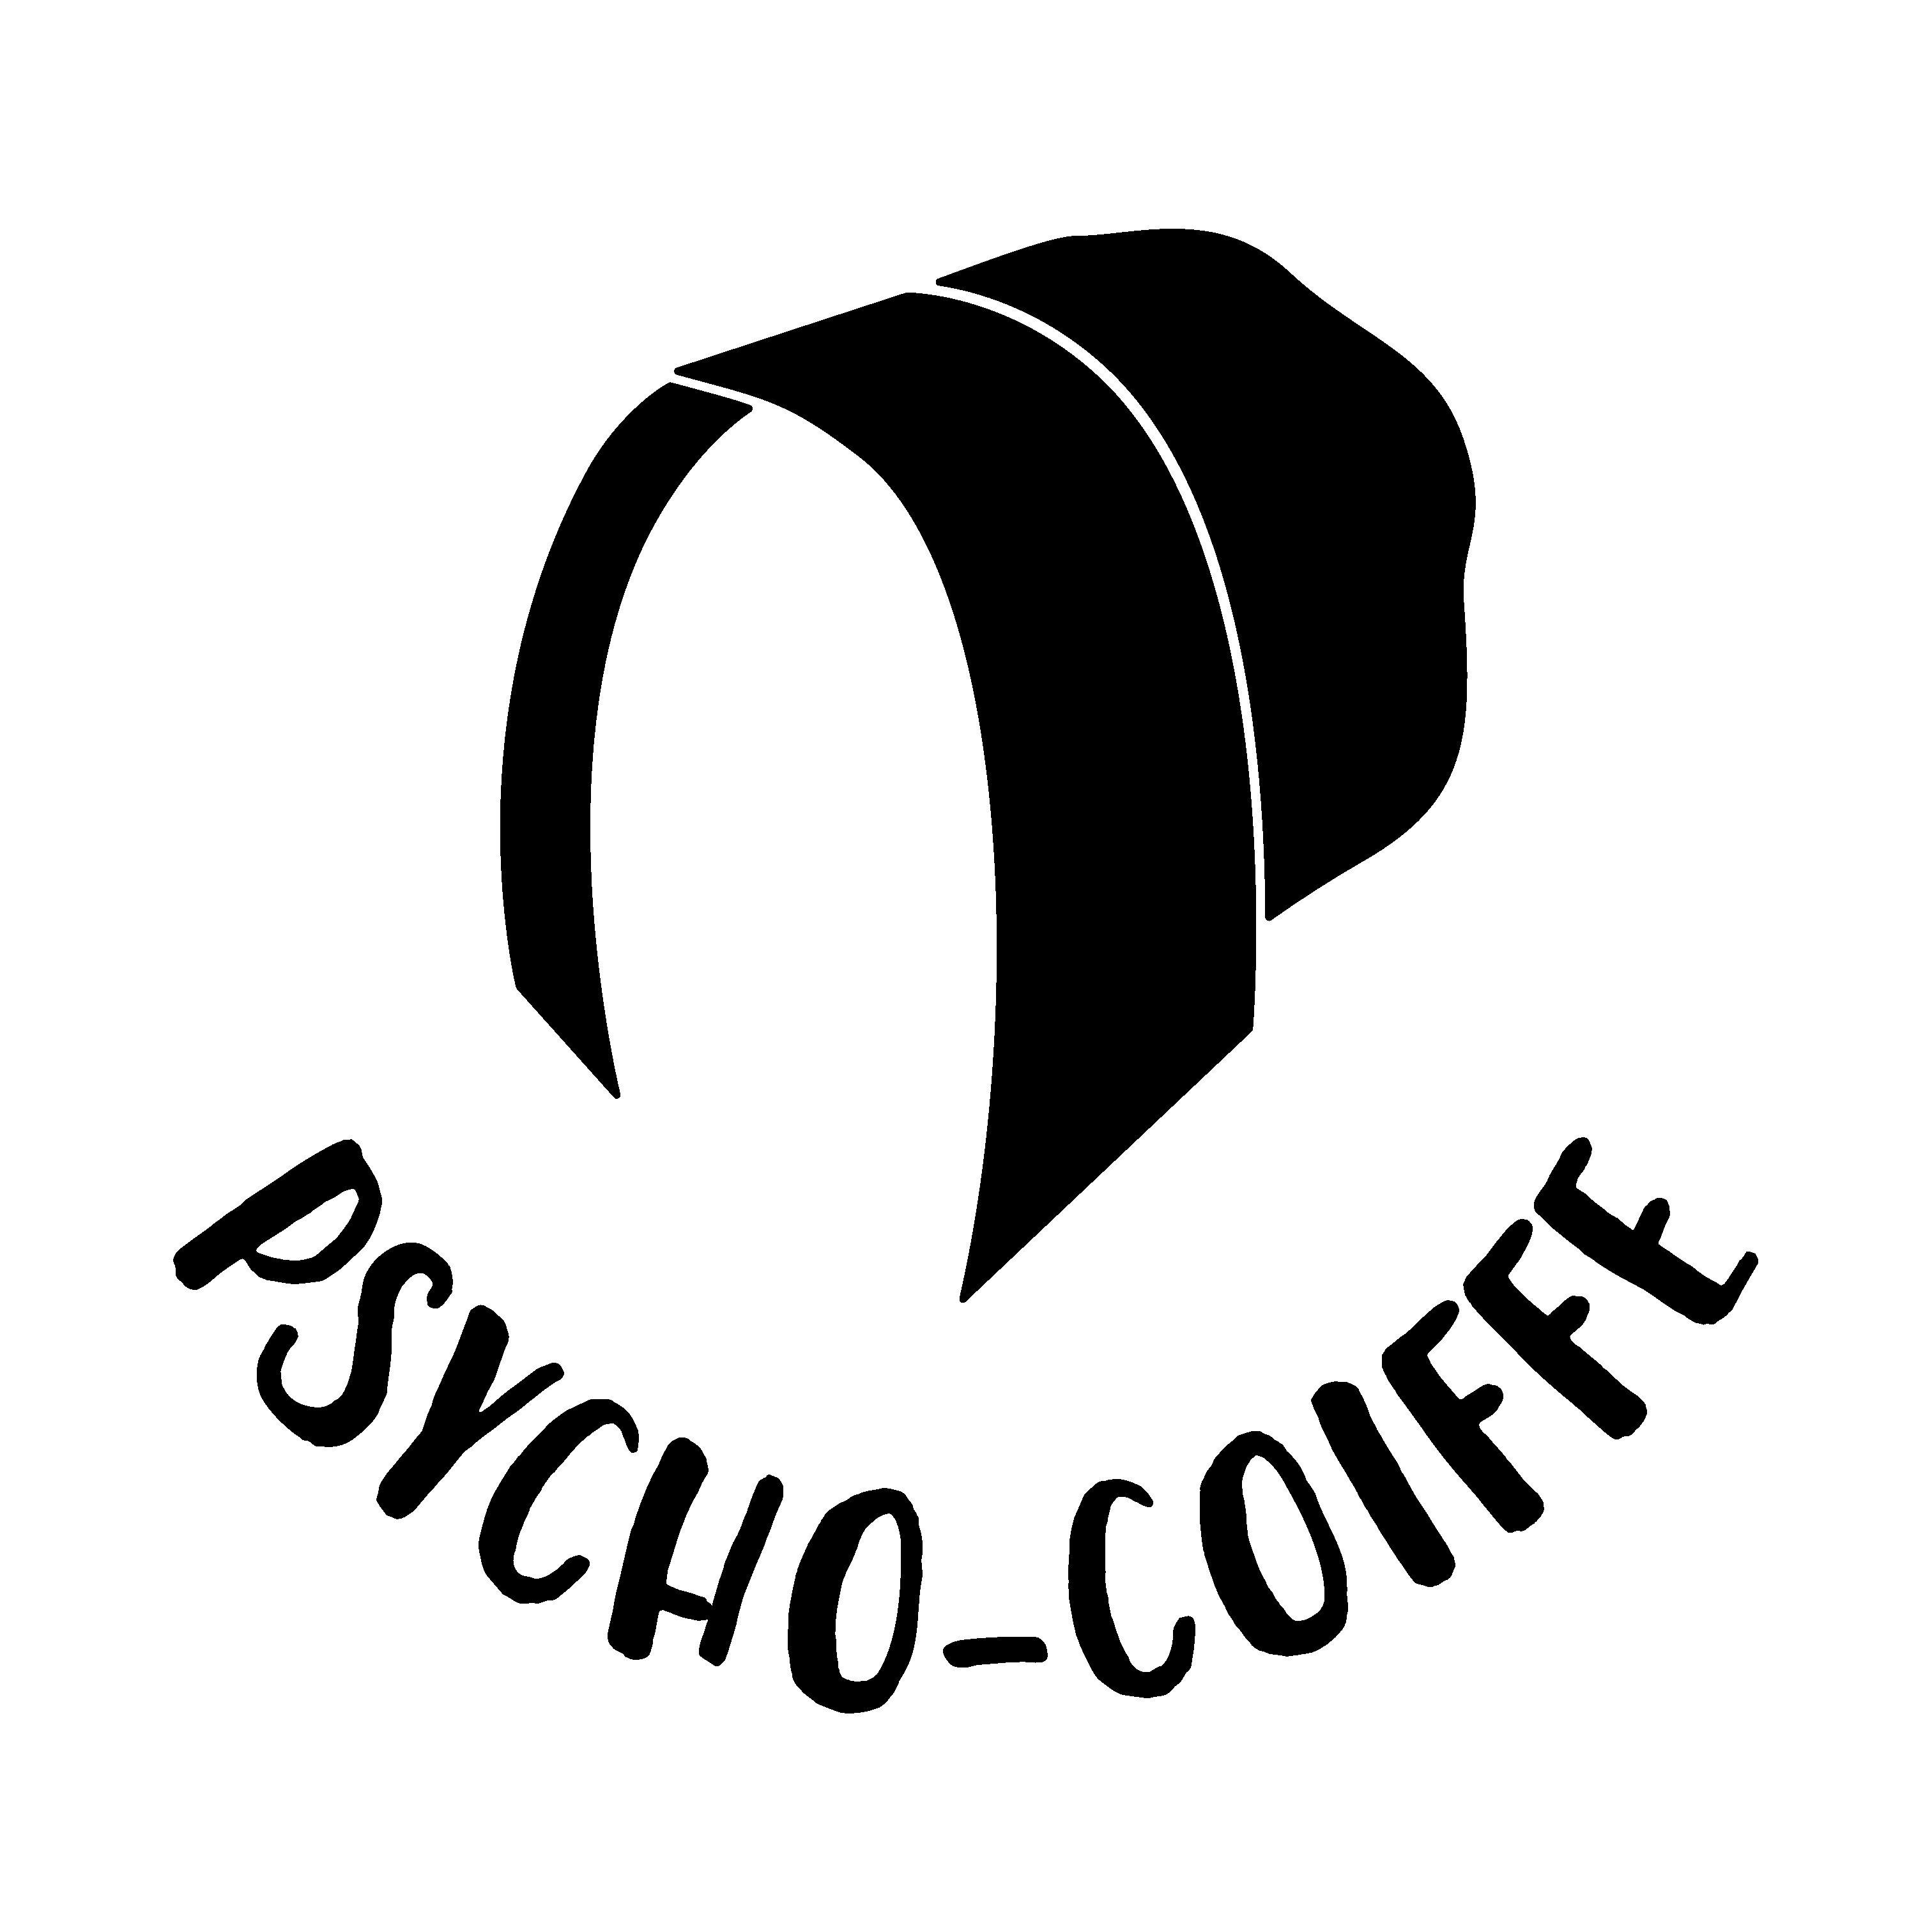 Psycho-Coiffe